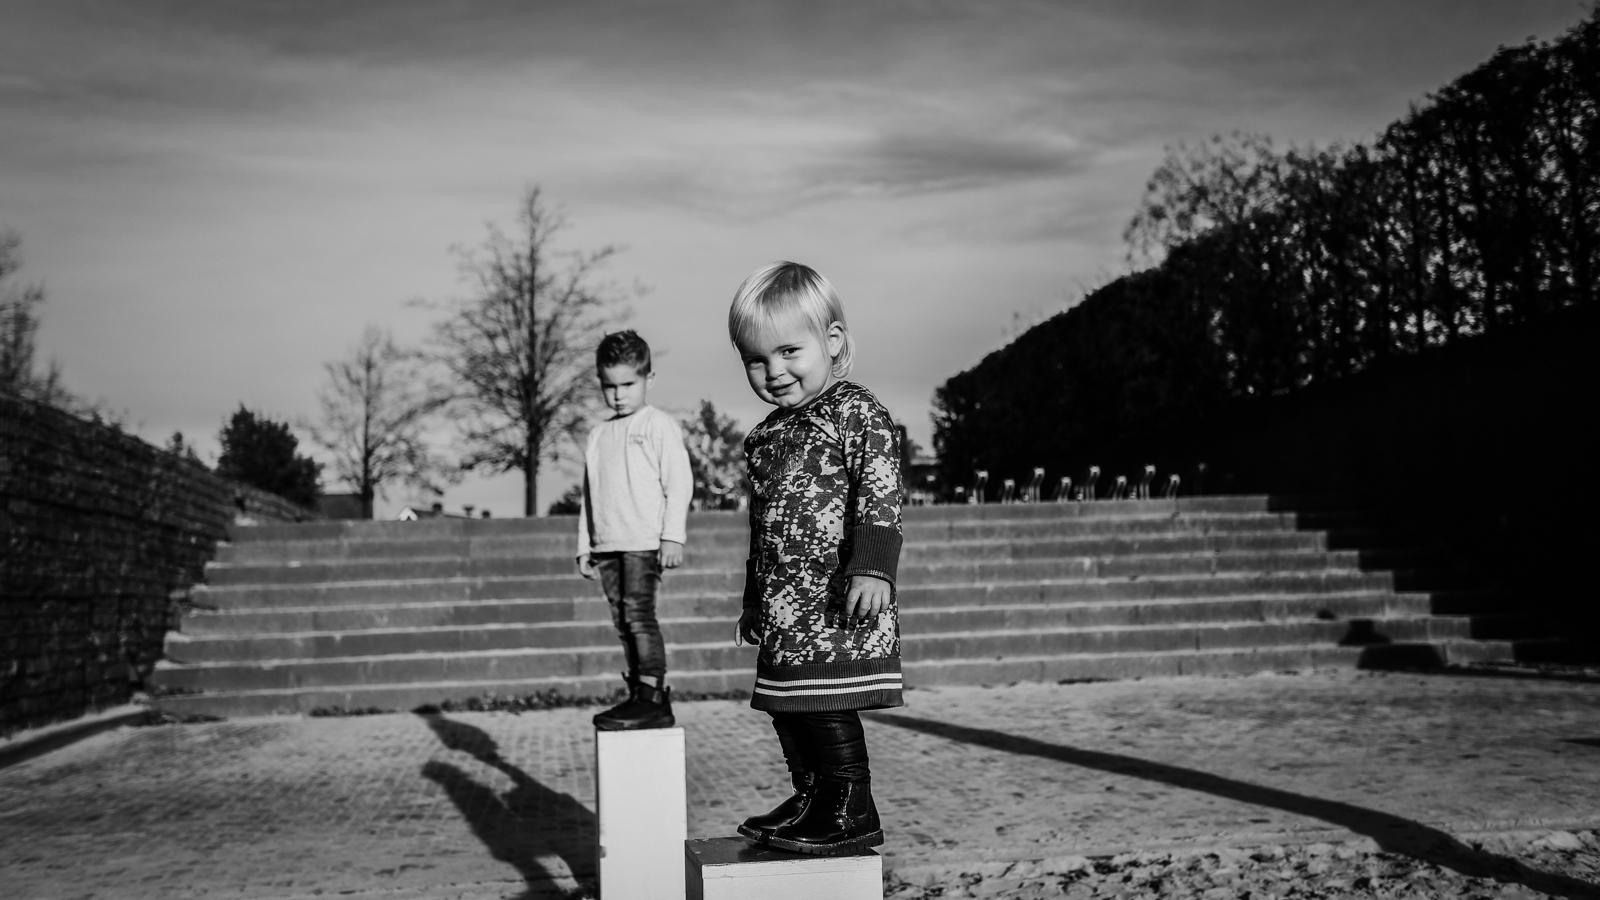 Natasja_Nienhuis_Fotografie-1005.jpg